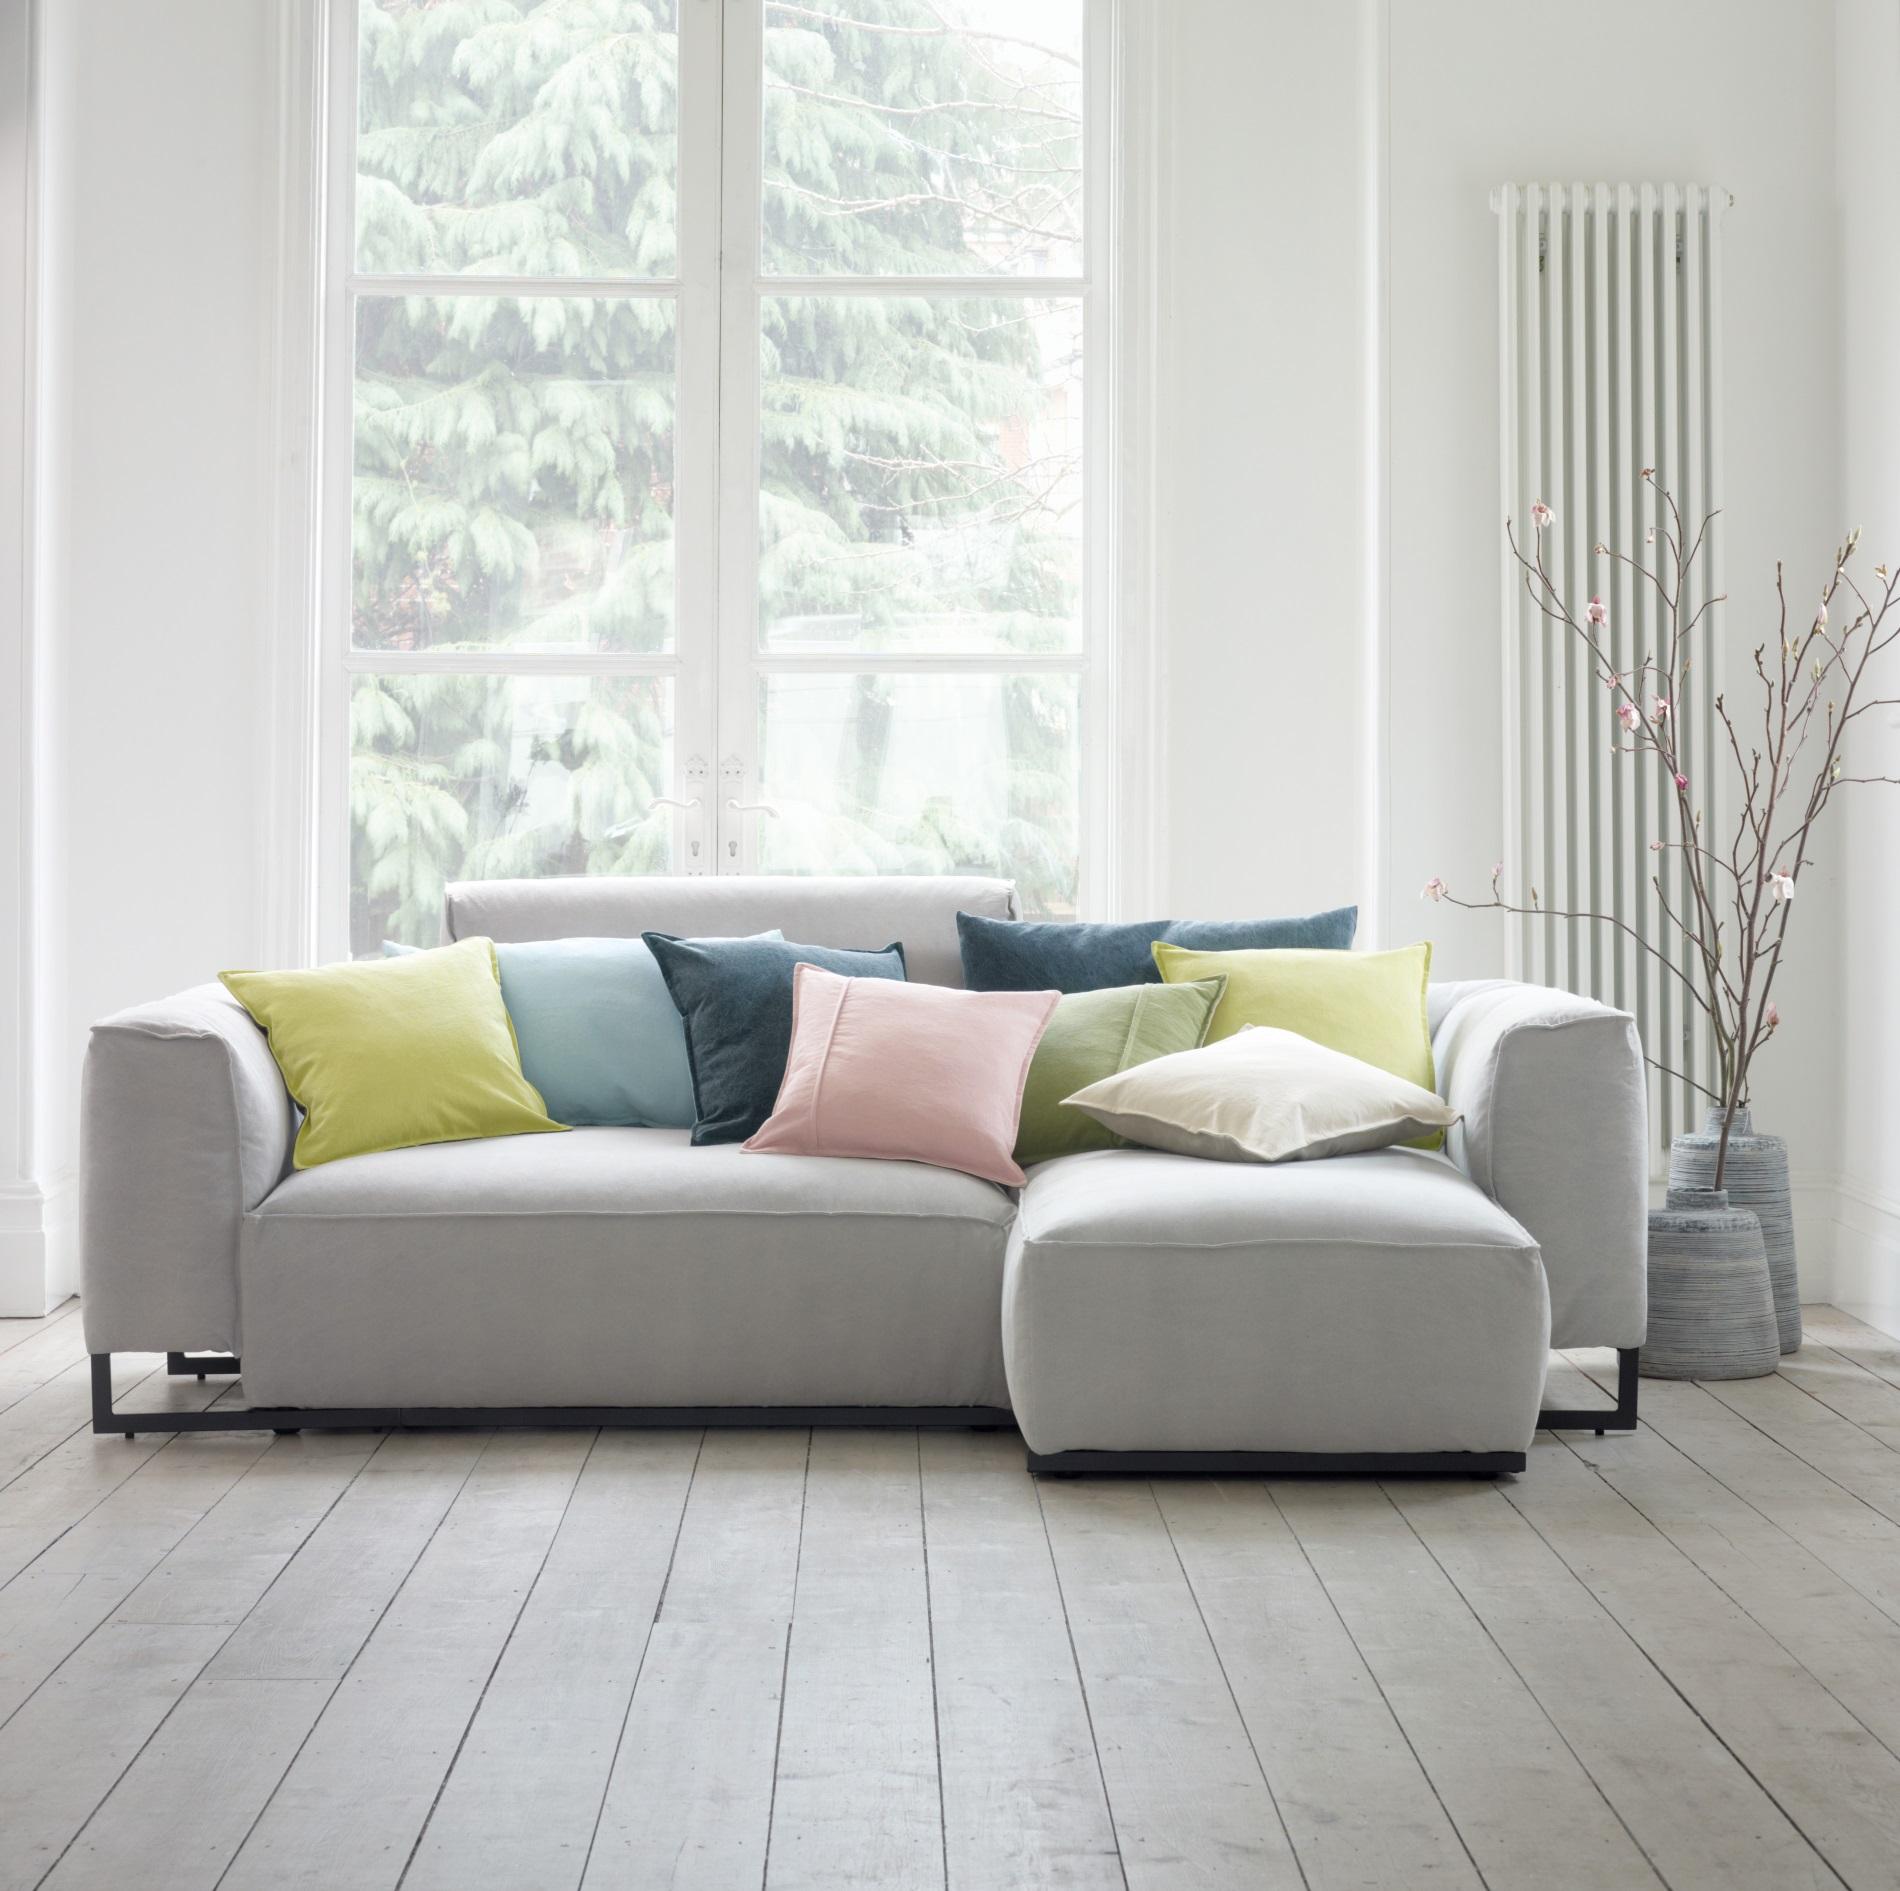 Divani A Righe Ikea : Divani classici a righe idee per il design della casa